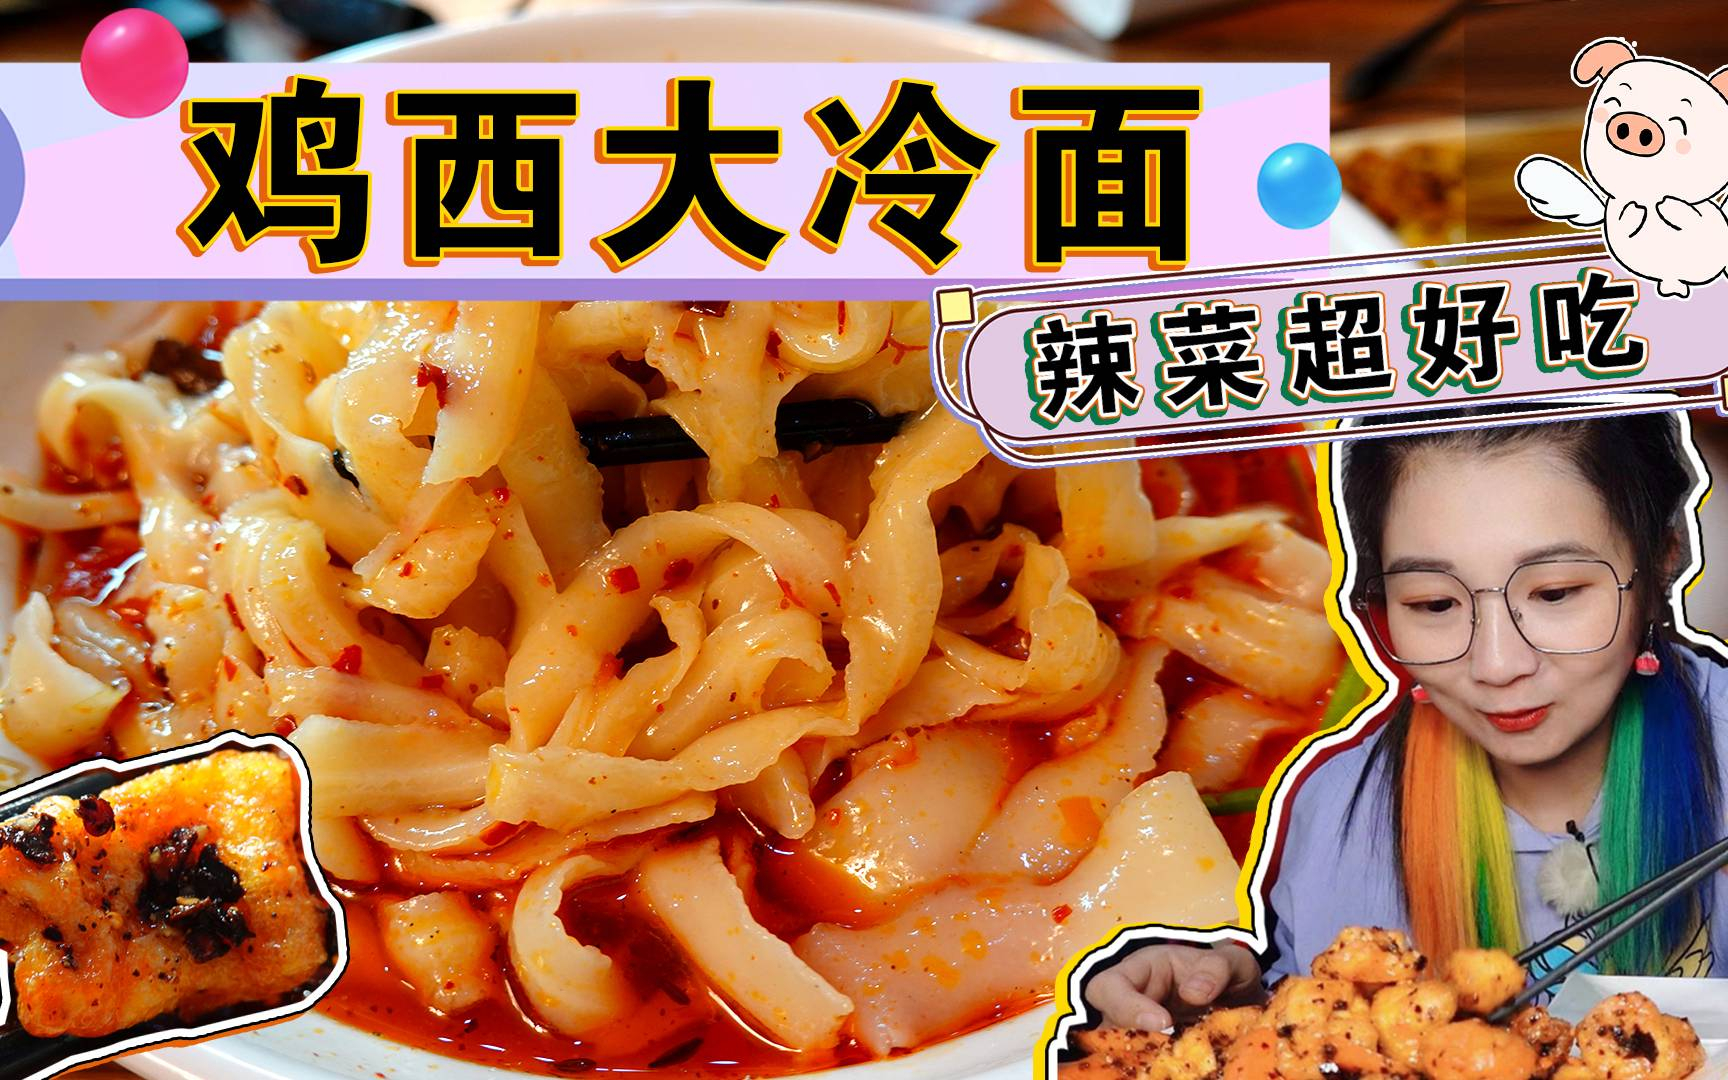 【逛吃北京】双井16元一大碗的鸡西大冷面刀削面,辣菜也一绝